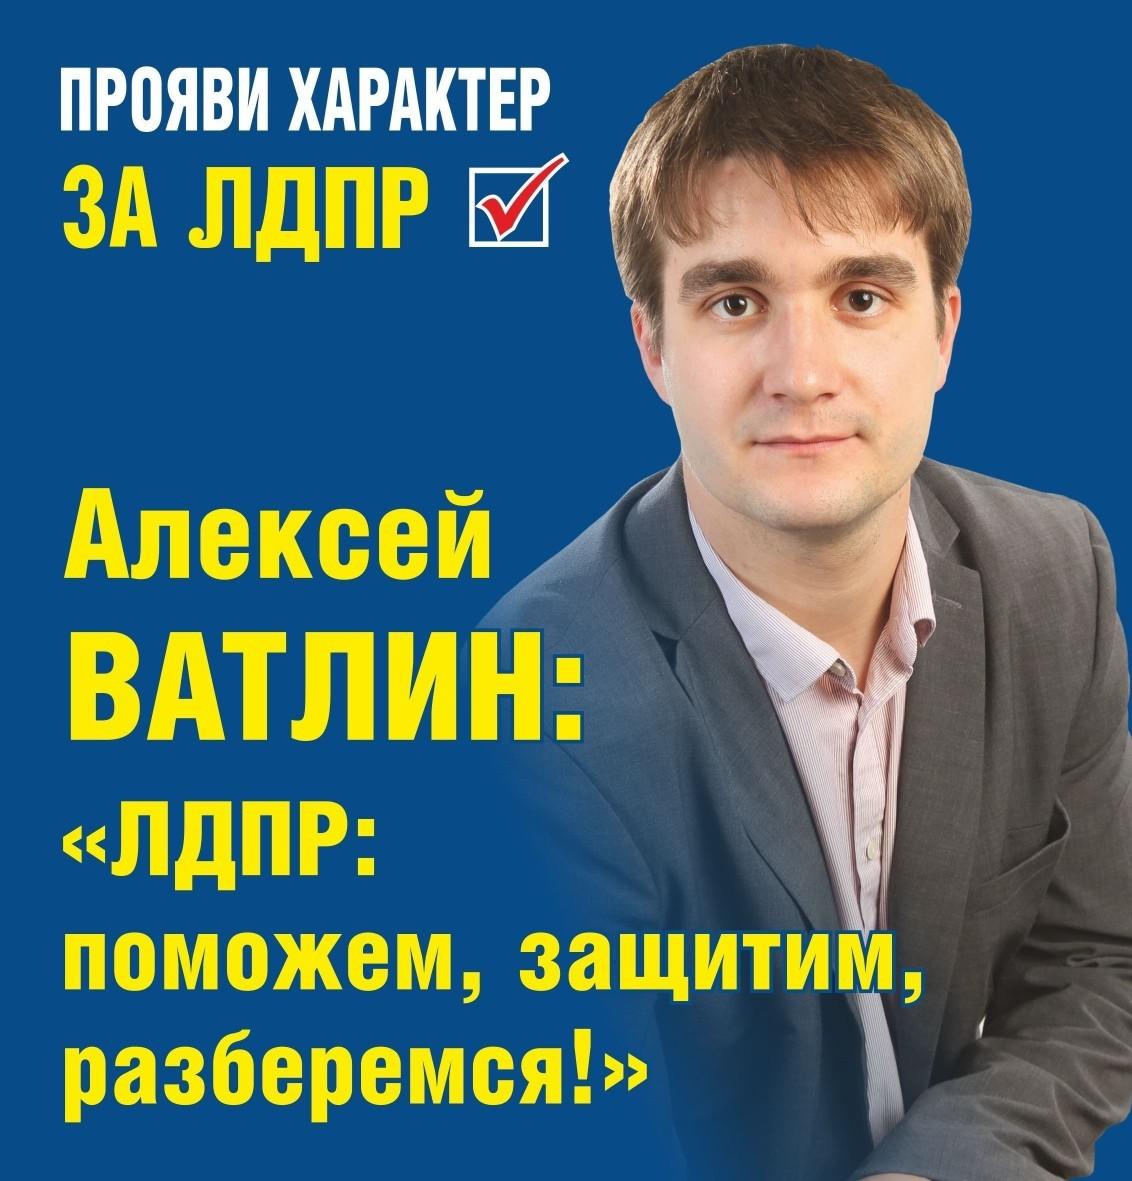 Депутат сосет хуй видео большие дамы